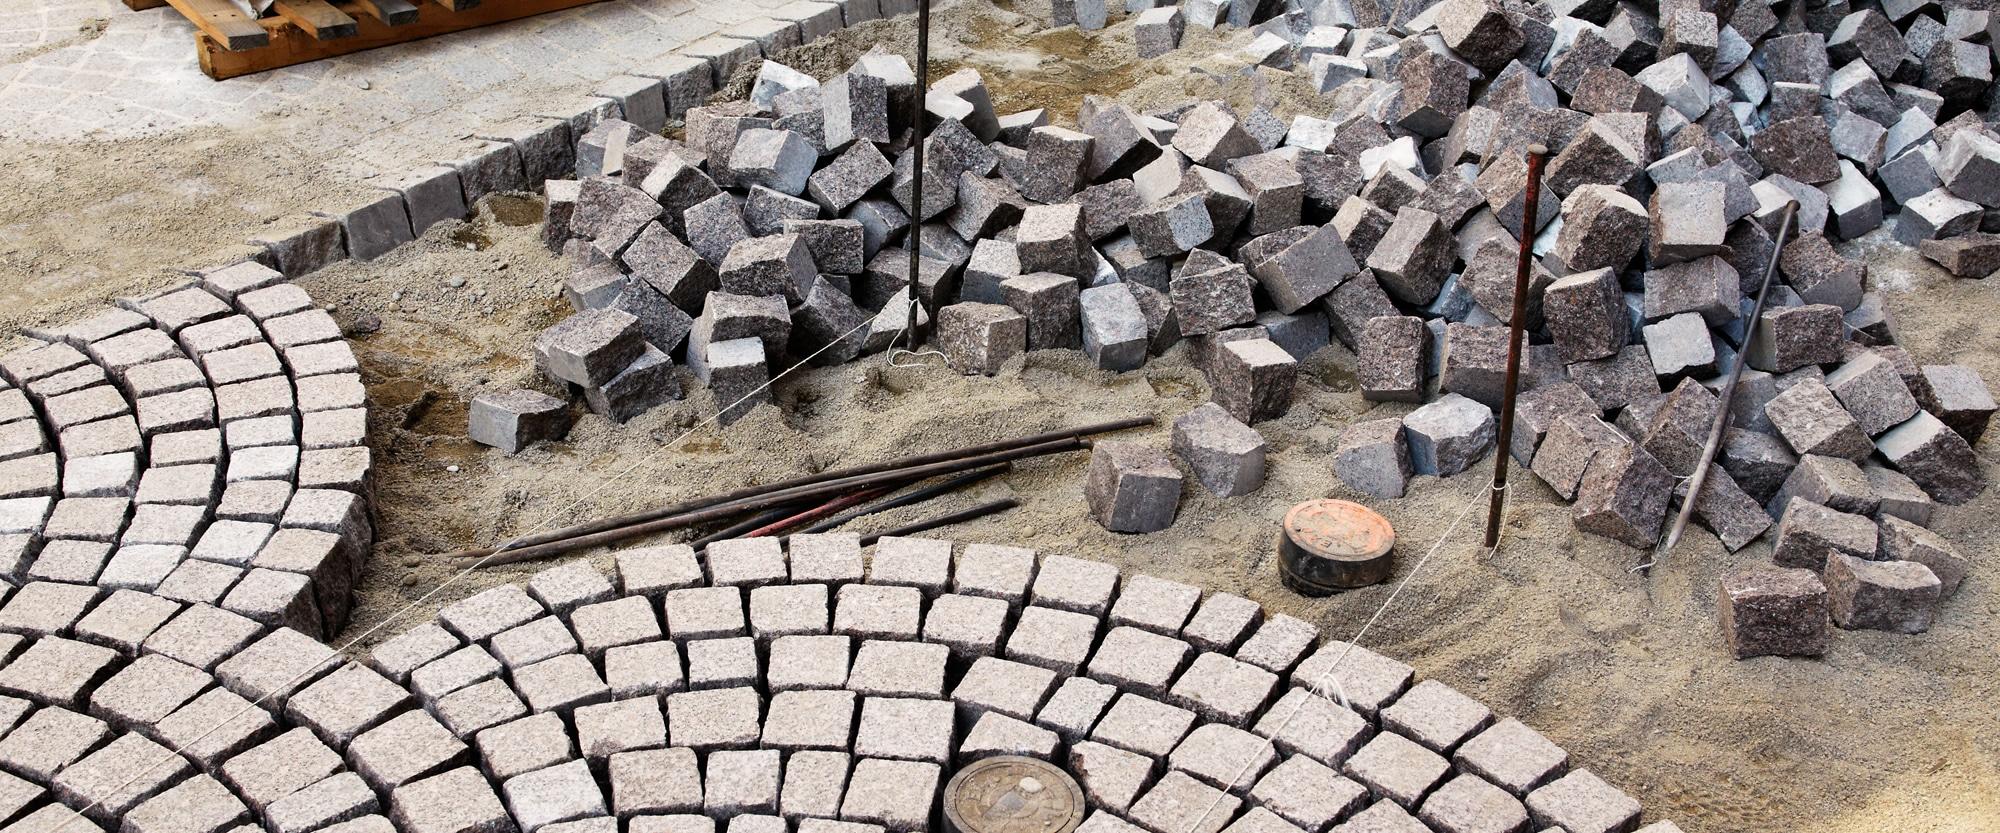 Betonpflastersteine und Platten